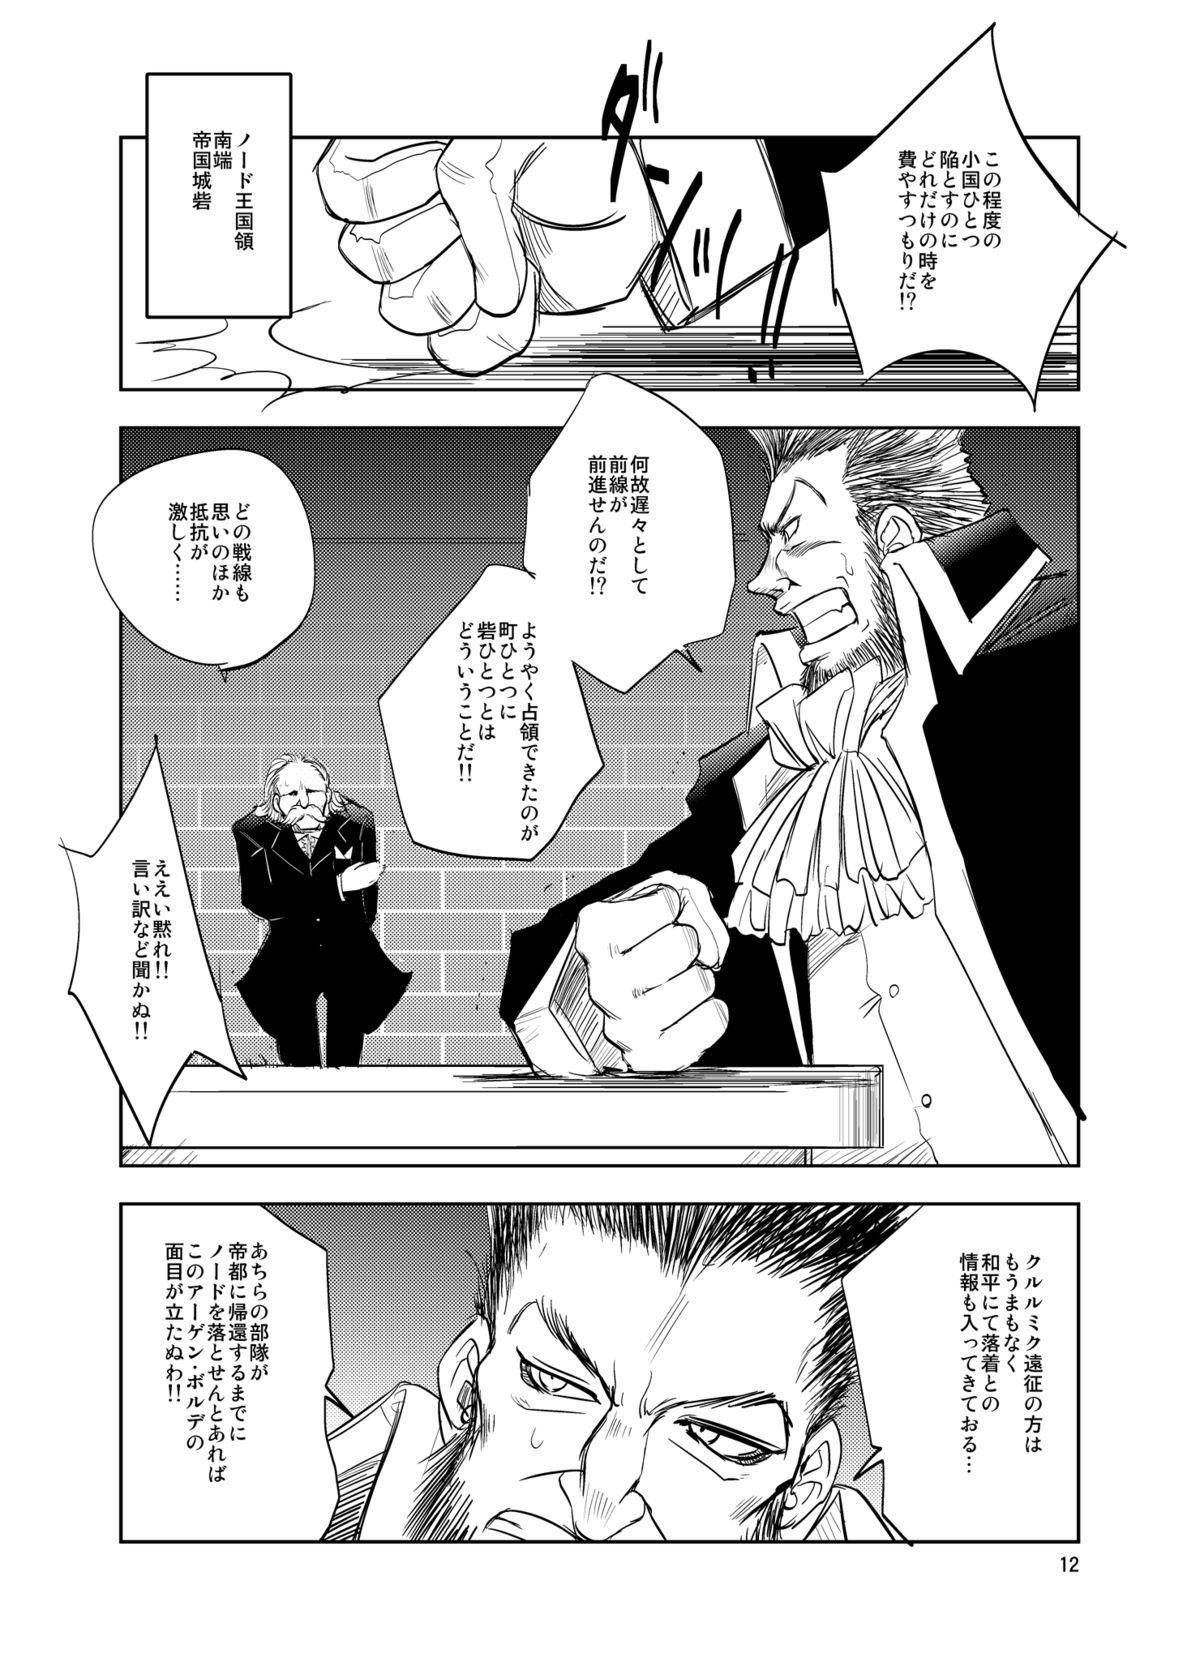 GRASSEN'S WAR ANOTHER STORY Ex #01 Node Shinkou I 11